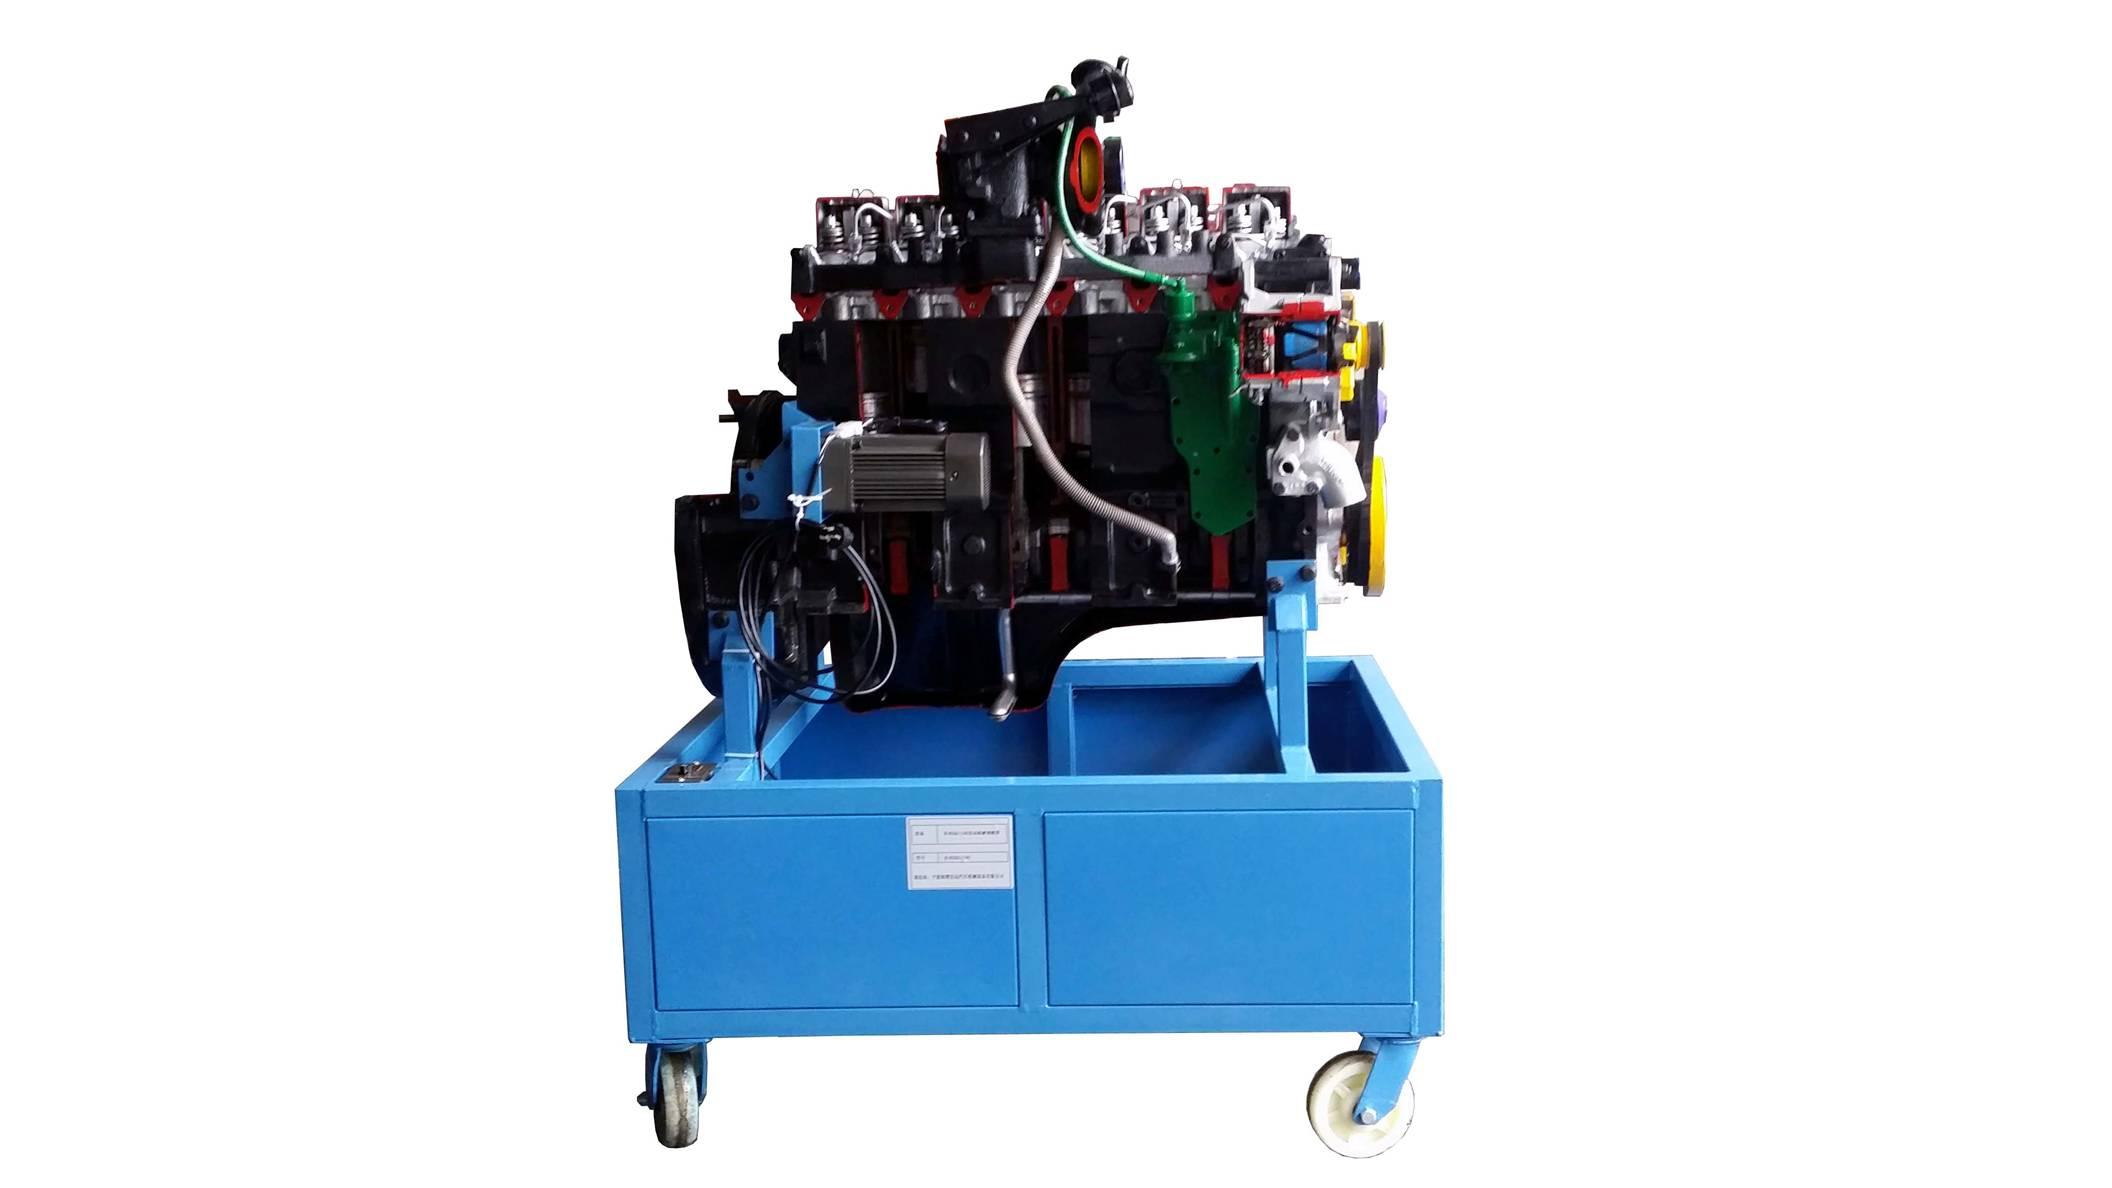 汽车发动机解剖模型(柜式底座),发动机解剖模型